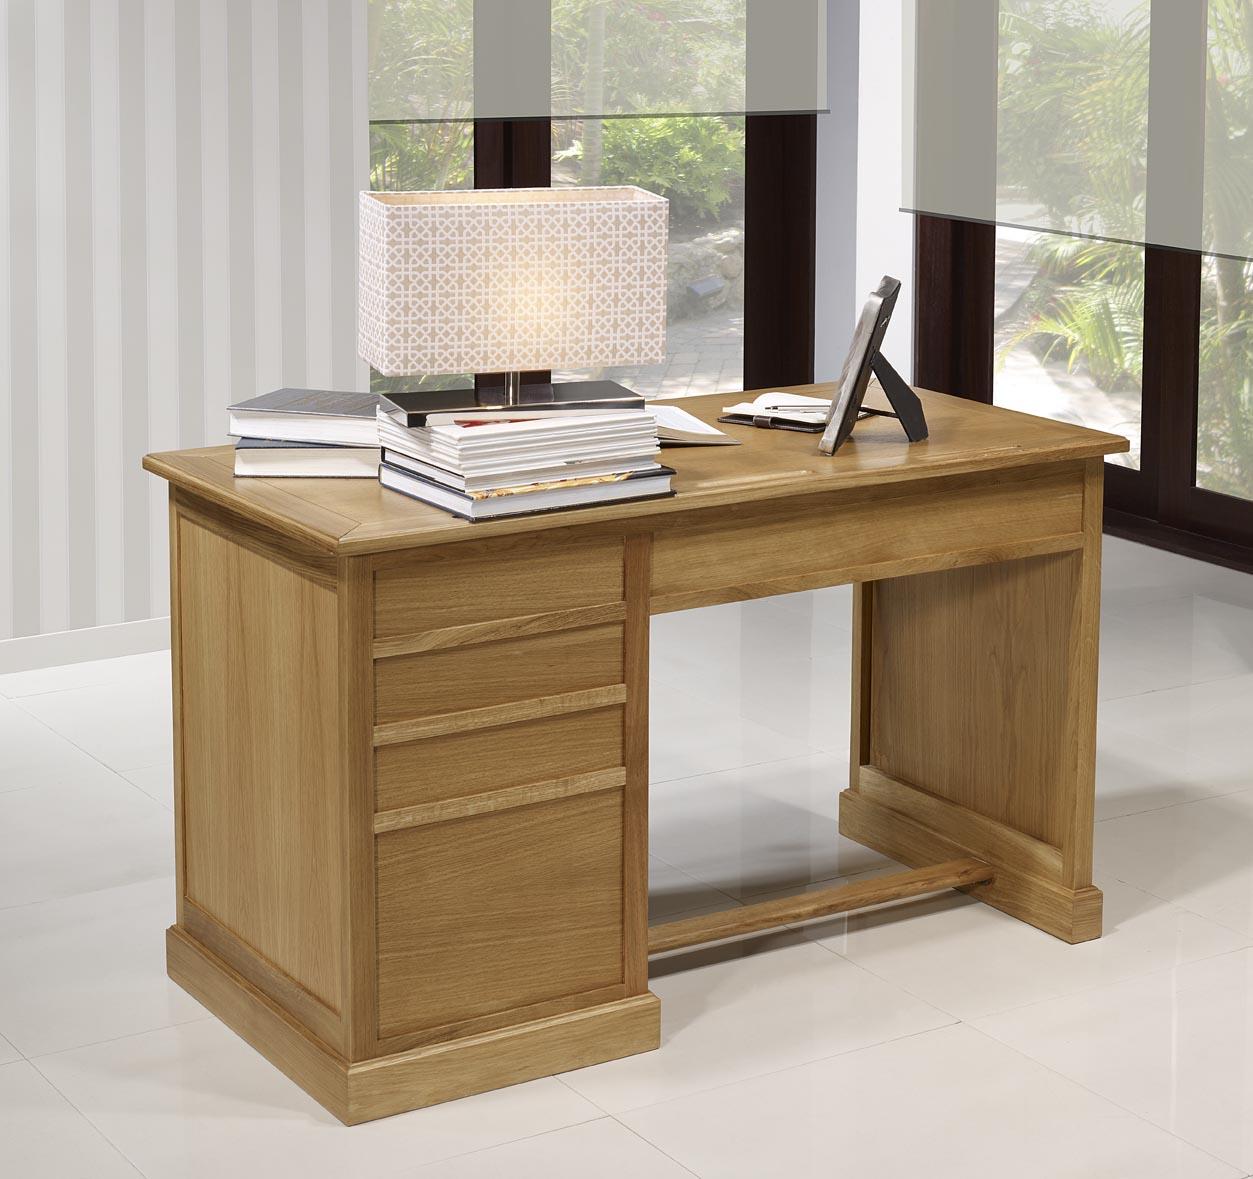 bureau 5 tiroirs victor en ch ne de style louis philippe meuble en ch ne massif. Black Bedroom Furniture Sets. Home Design Ideas